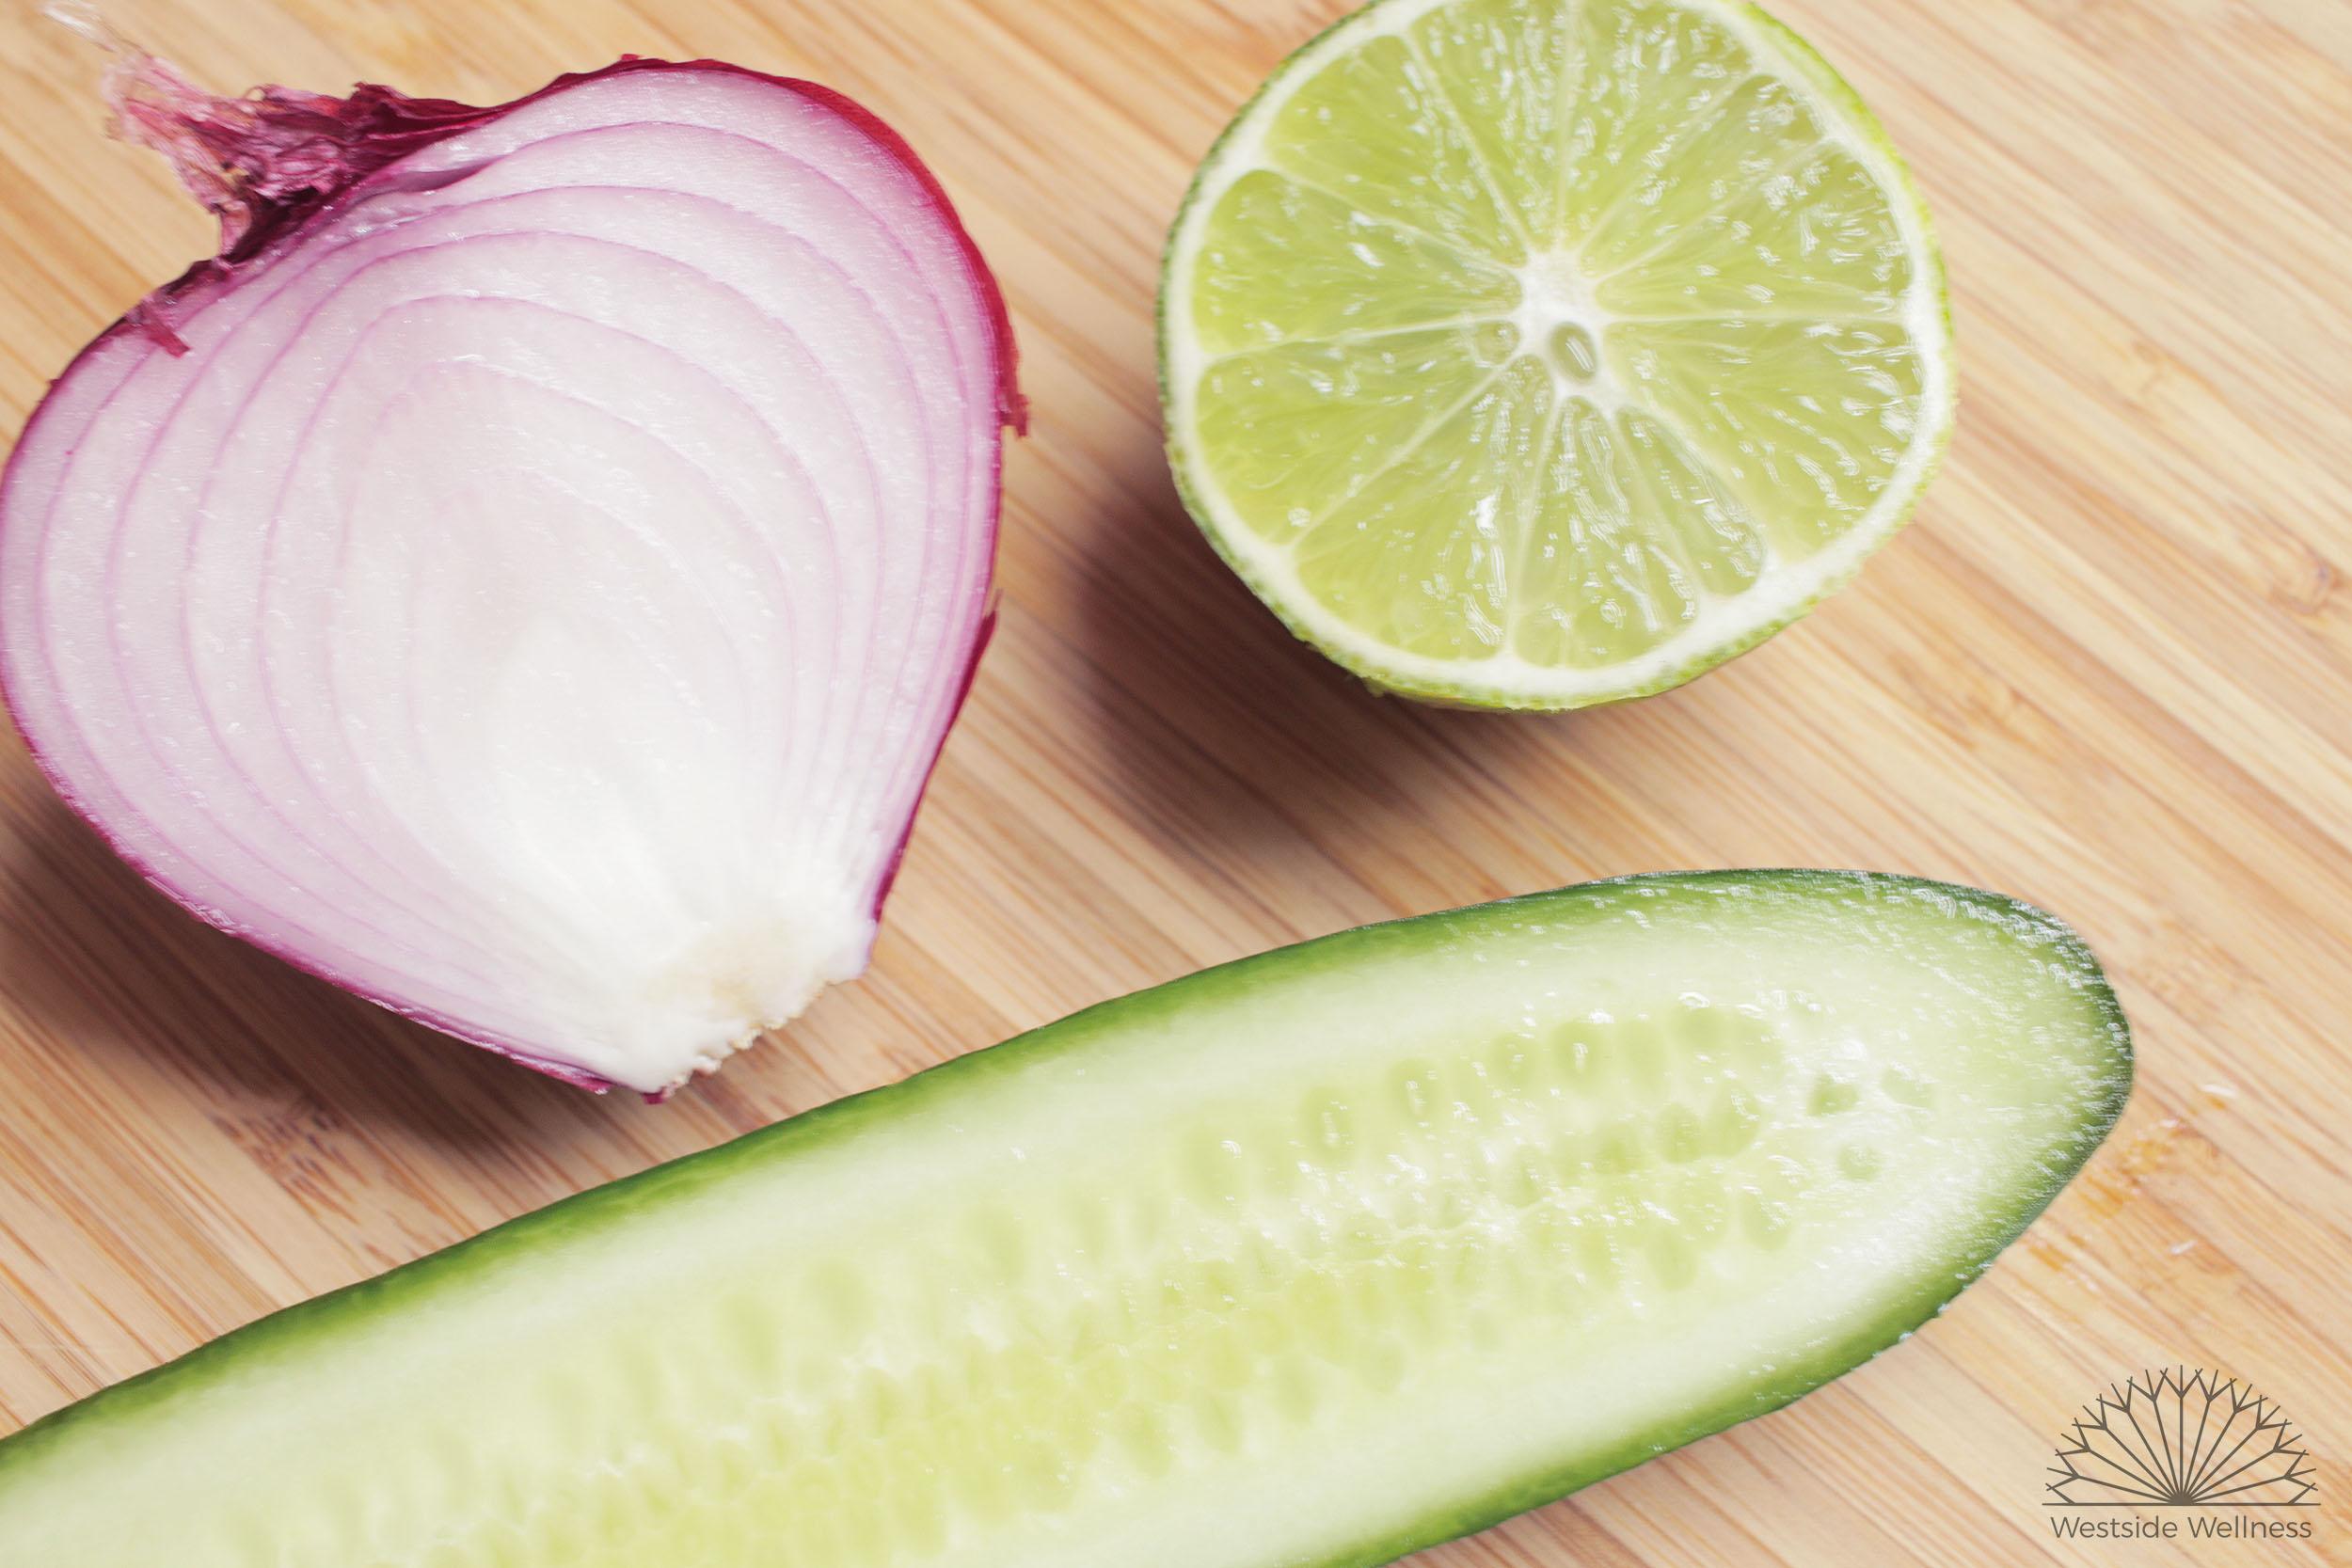 salad ingredients web version.jpg